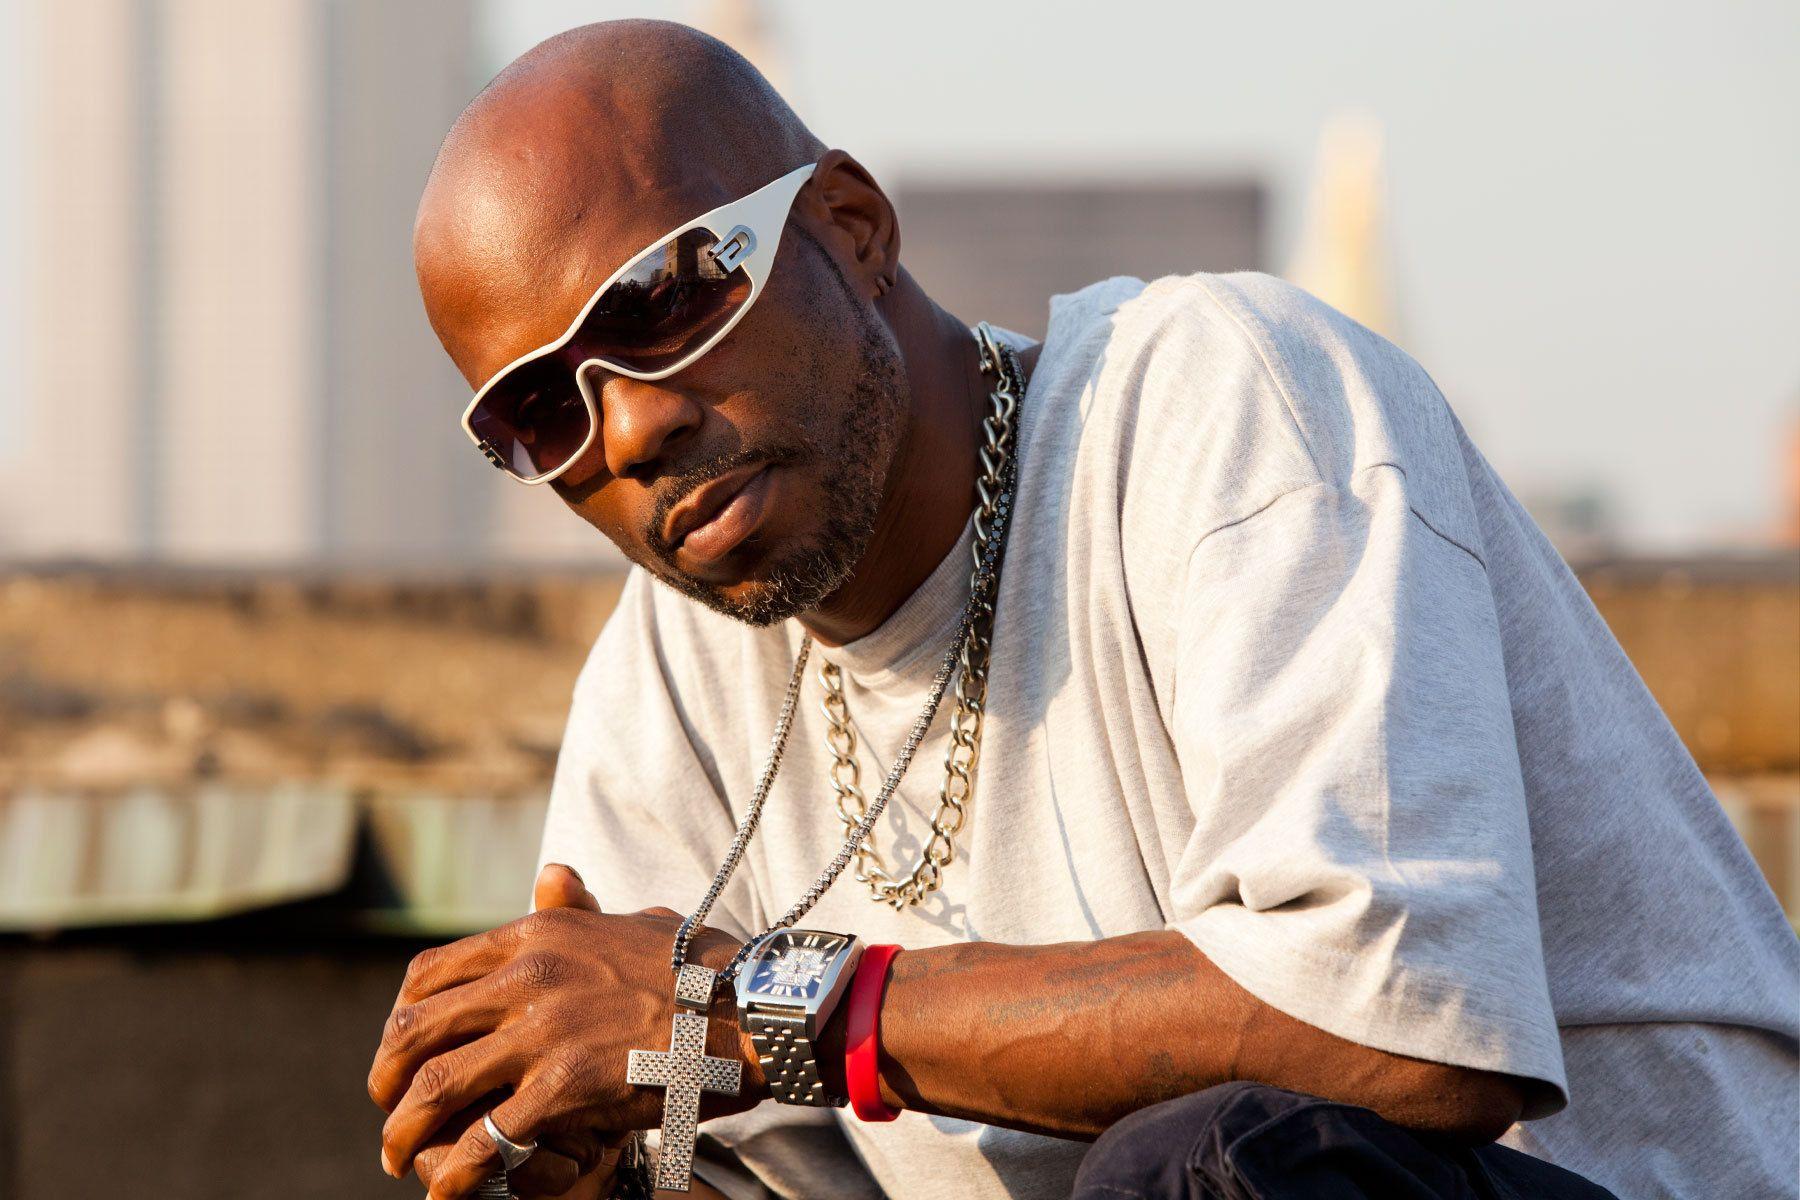 Le rappeur américain DMX est décédé